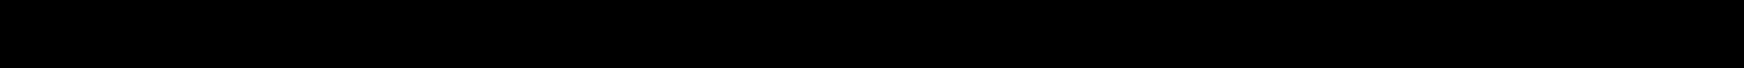 NeutrafaceSlabTxGR-Light.otf